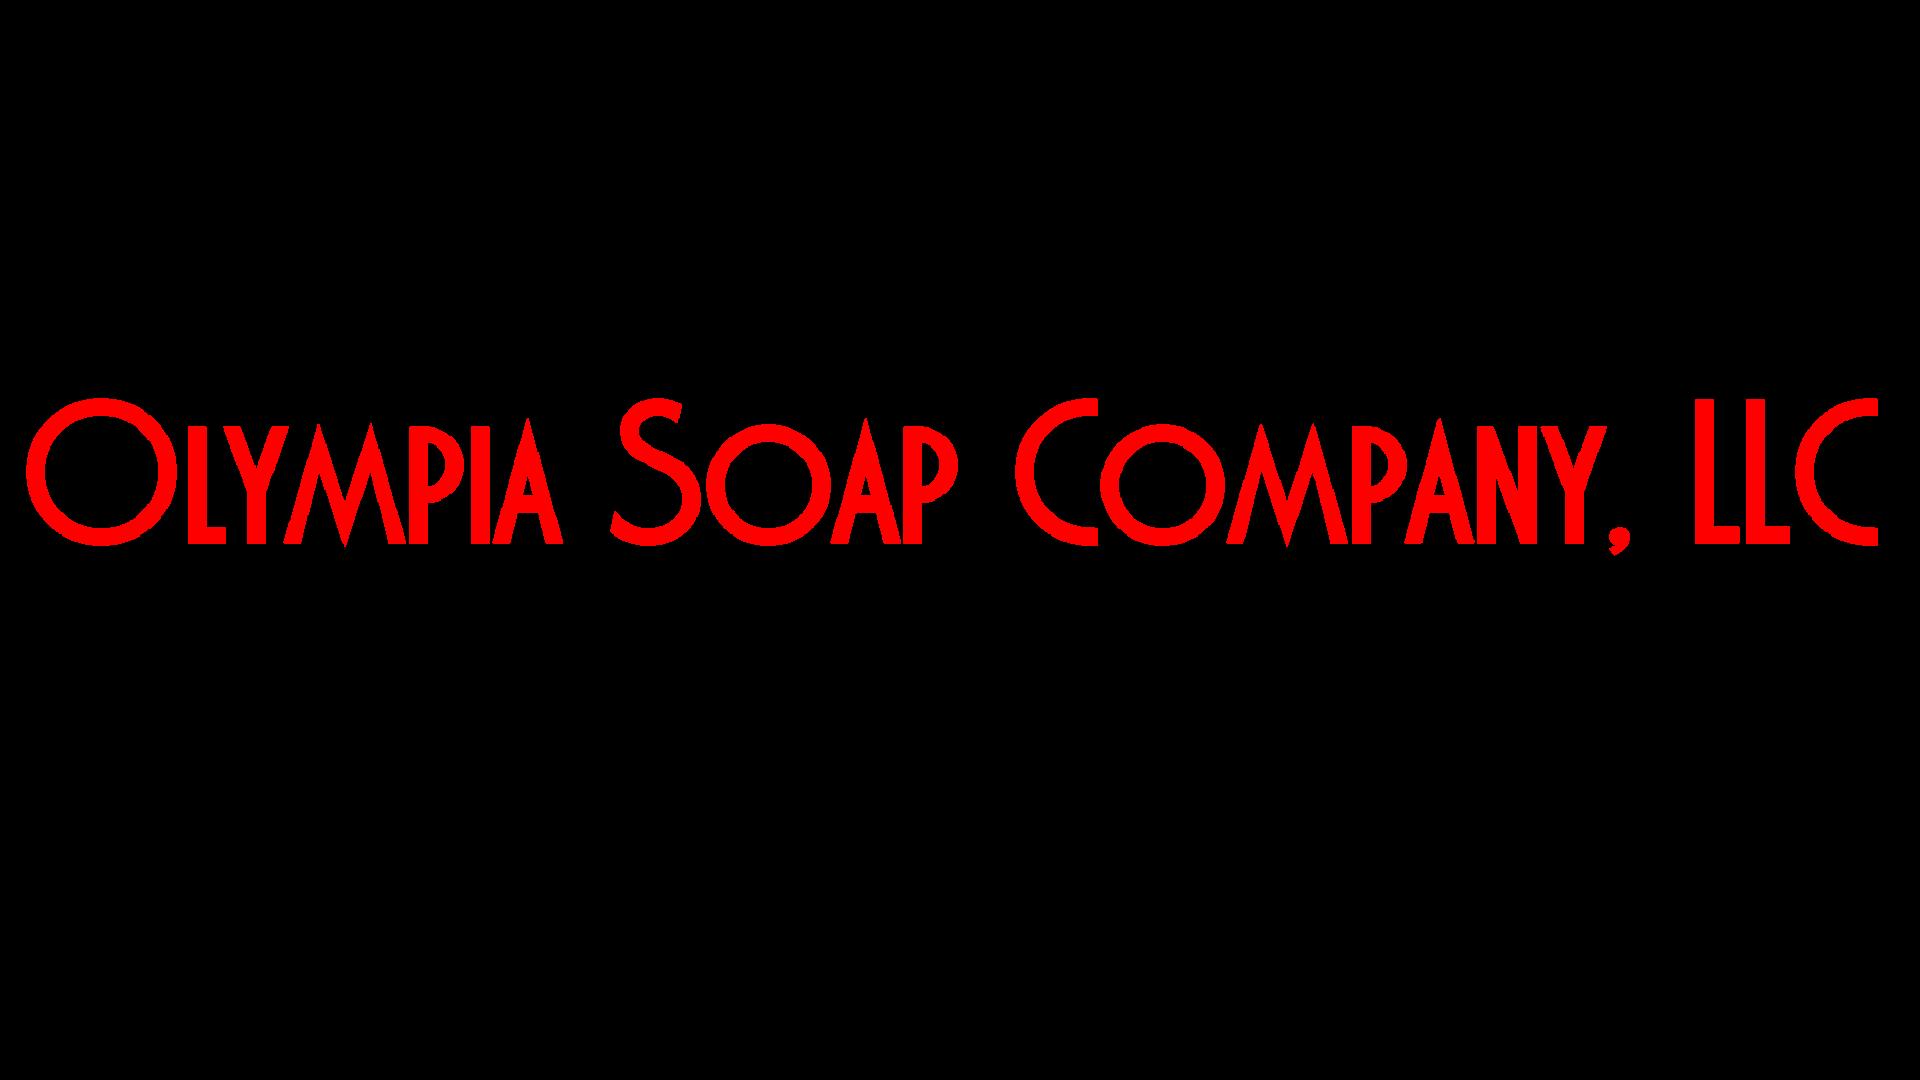 Olympia Soap Company